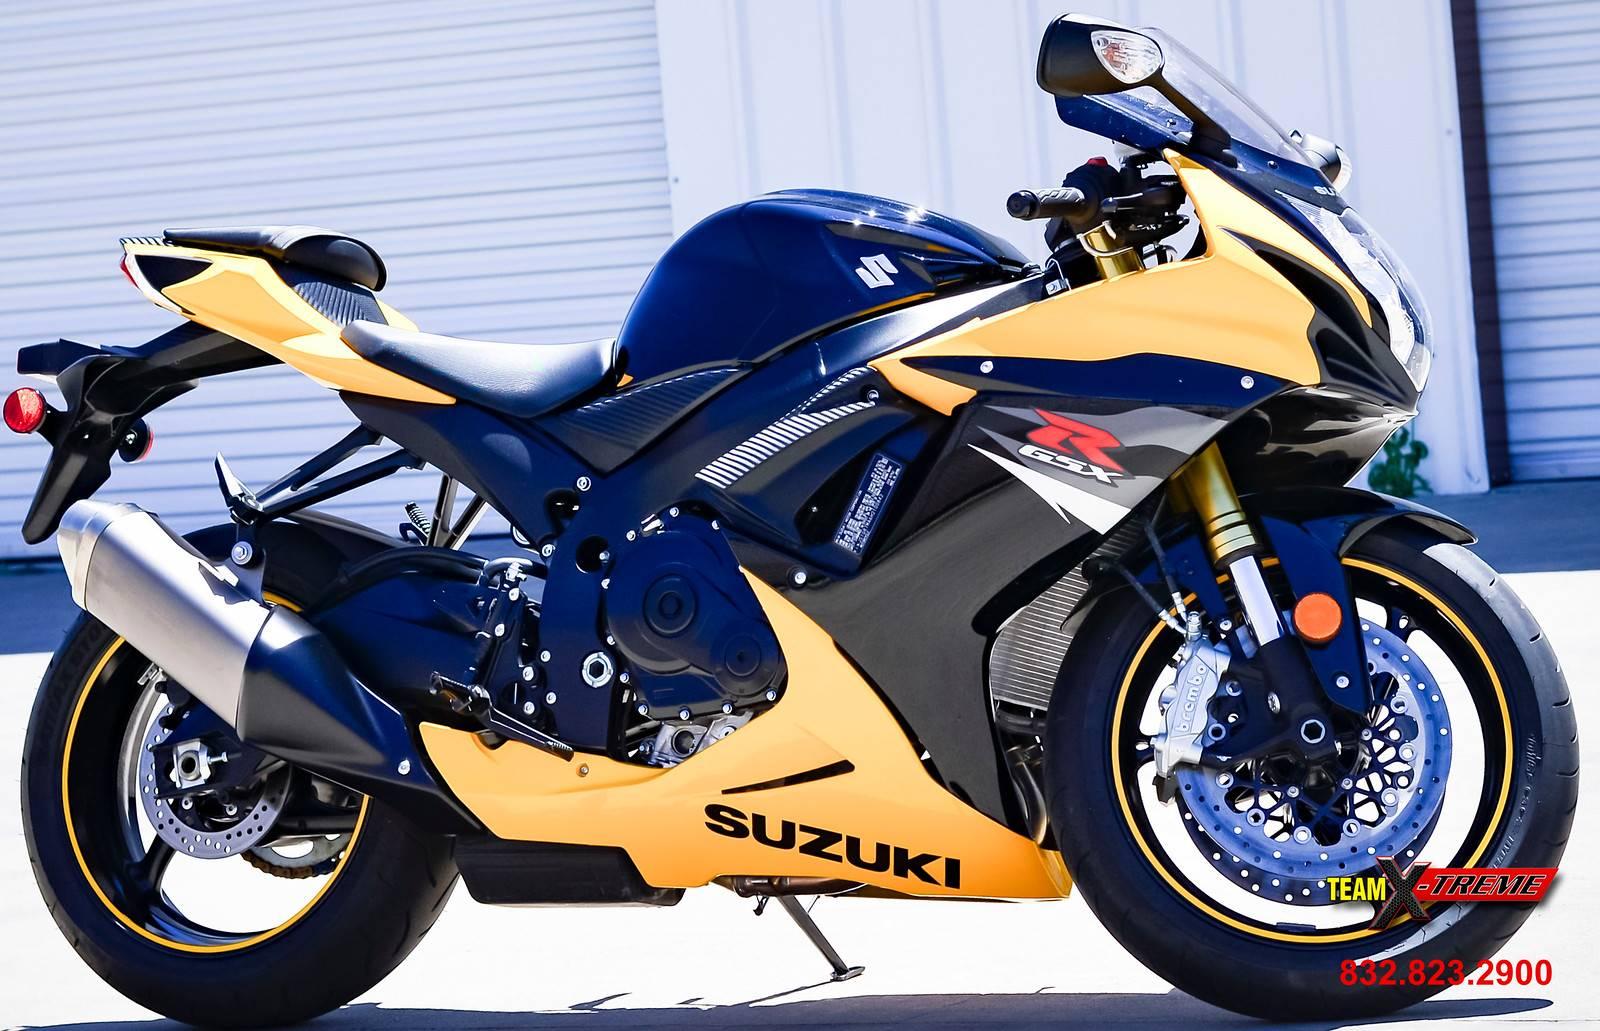 2017 Suzuki GSX-R750 for sale 108551